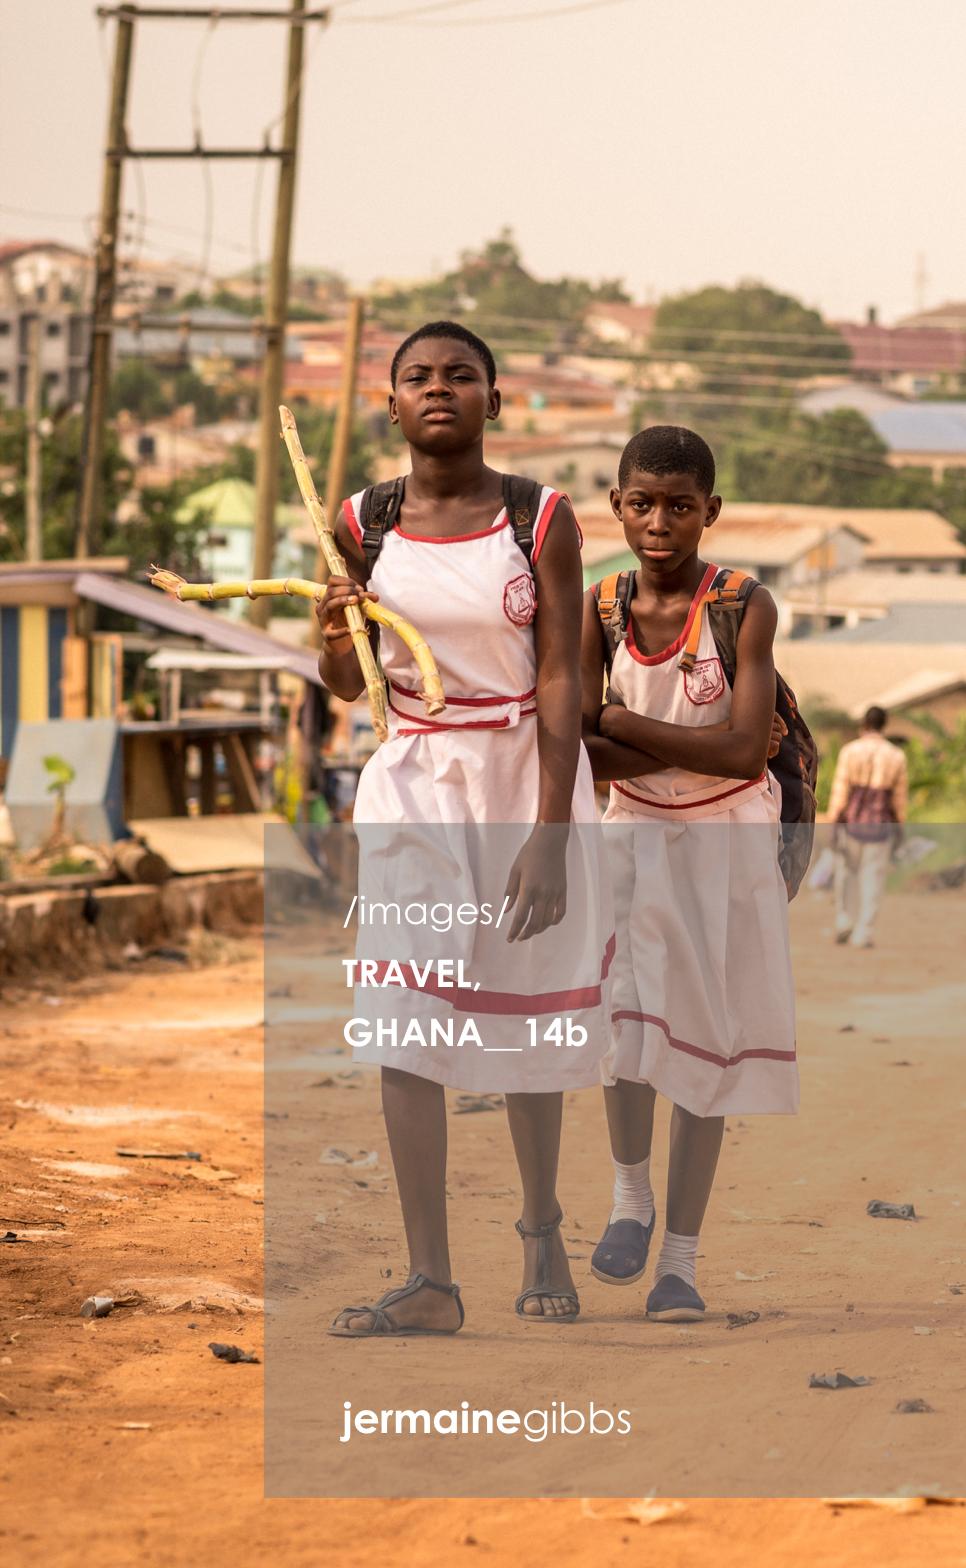 Travel_Ghana__14b